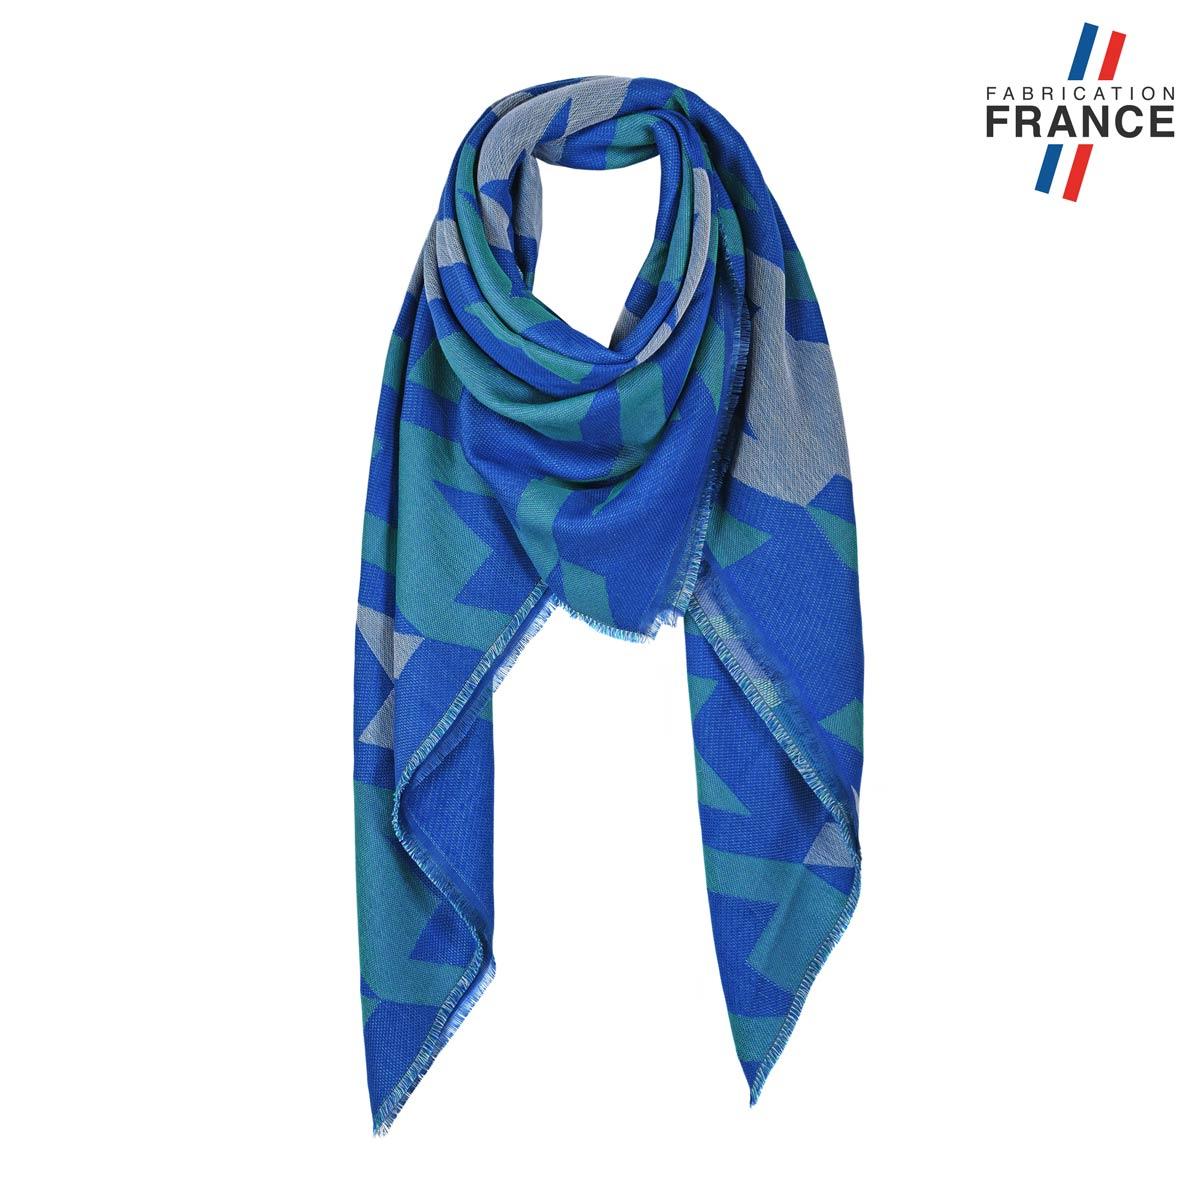 AT-05817_F12-1FR_Echarpe-femme-carre-bleu-vert-made-france